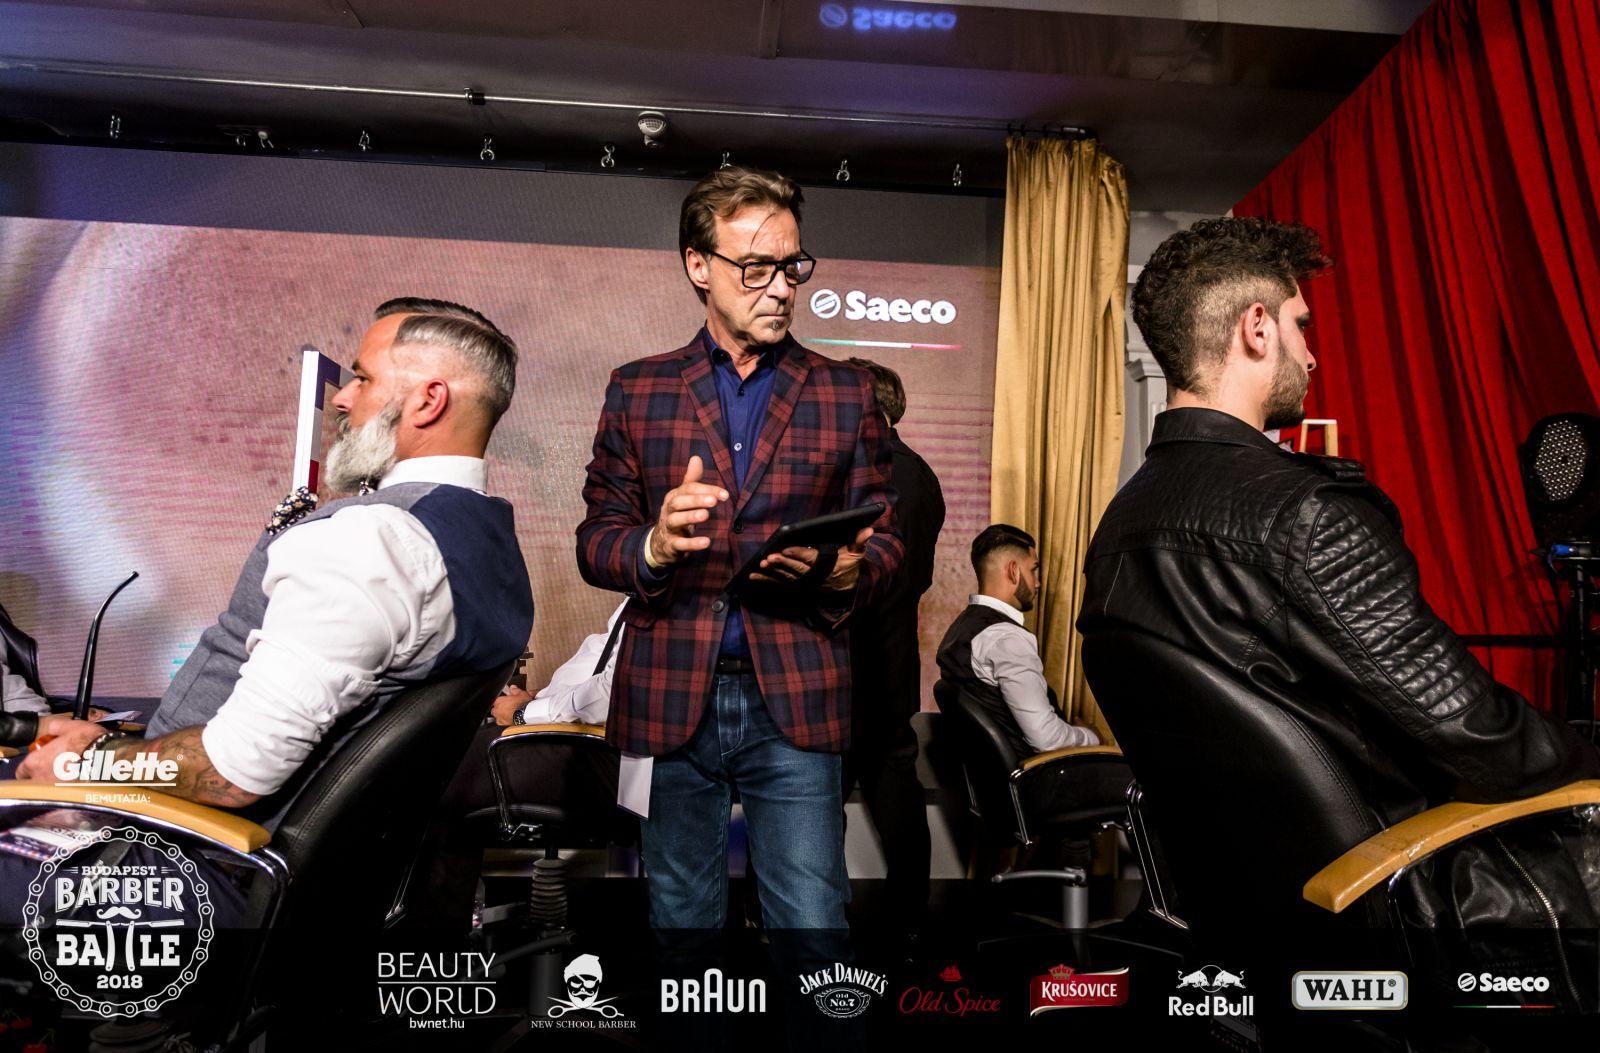 barber battle budapest, barber, barber budapest, borbély, borbély budaest, online időpontfoglaló program_bwnet